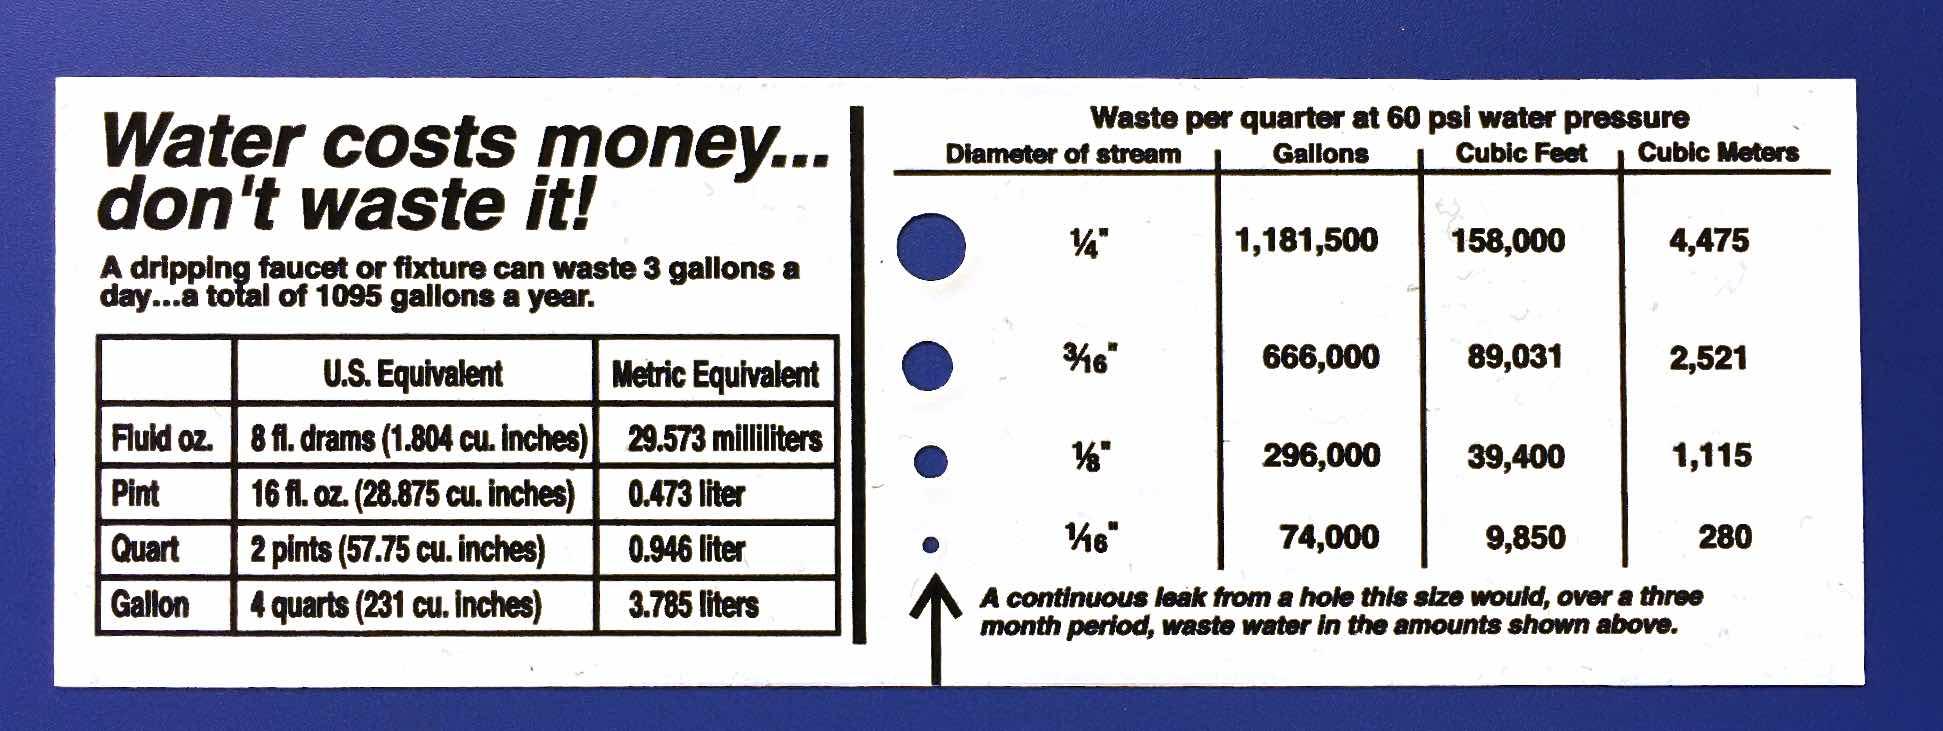 water costs money.jpg